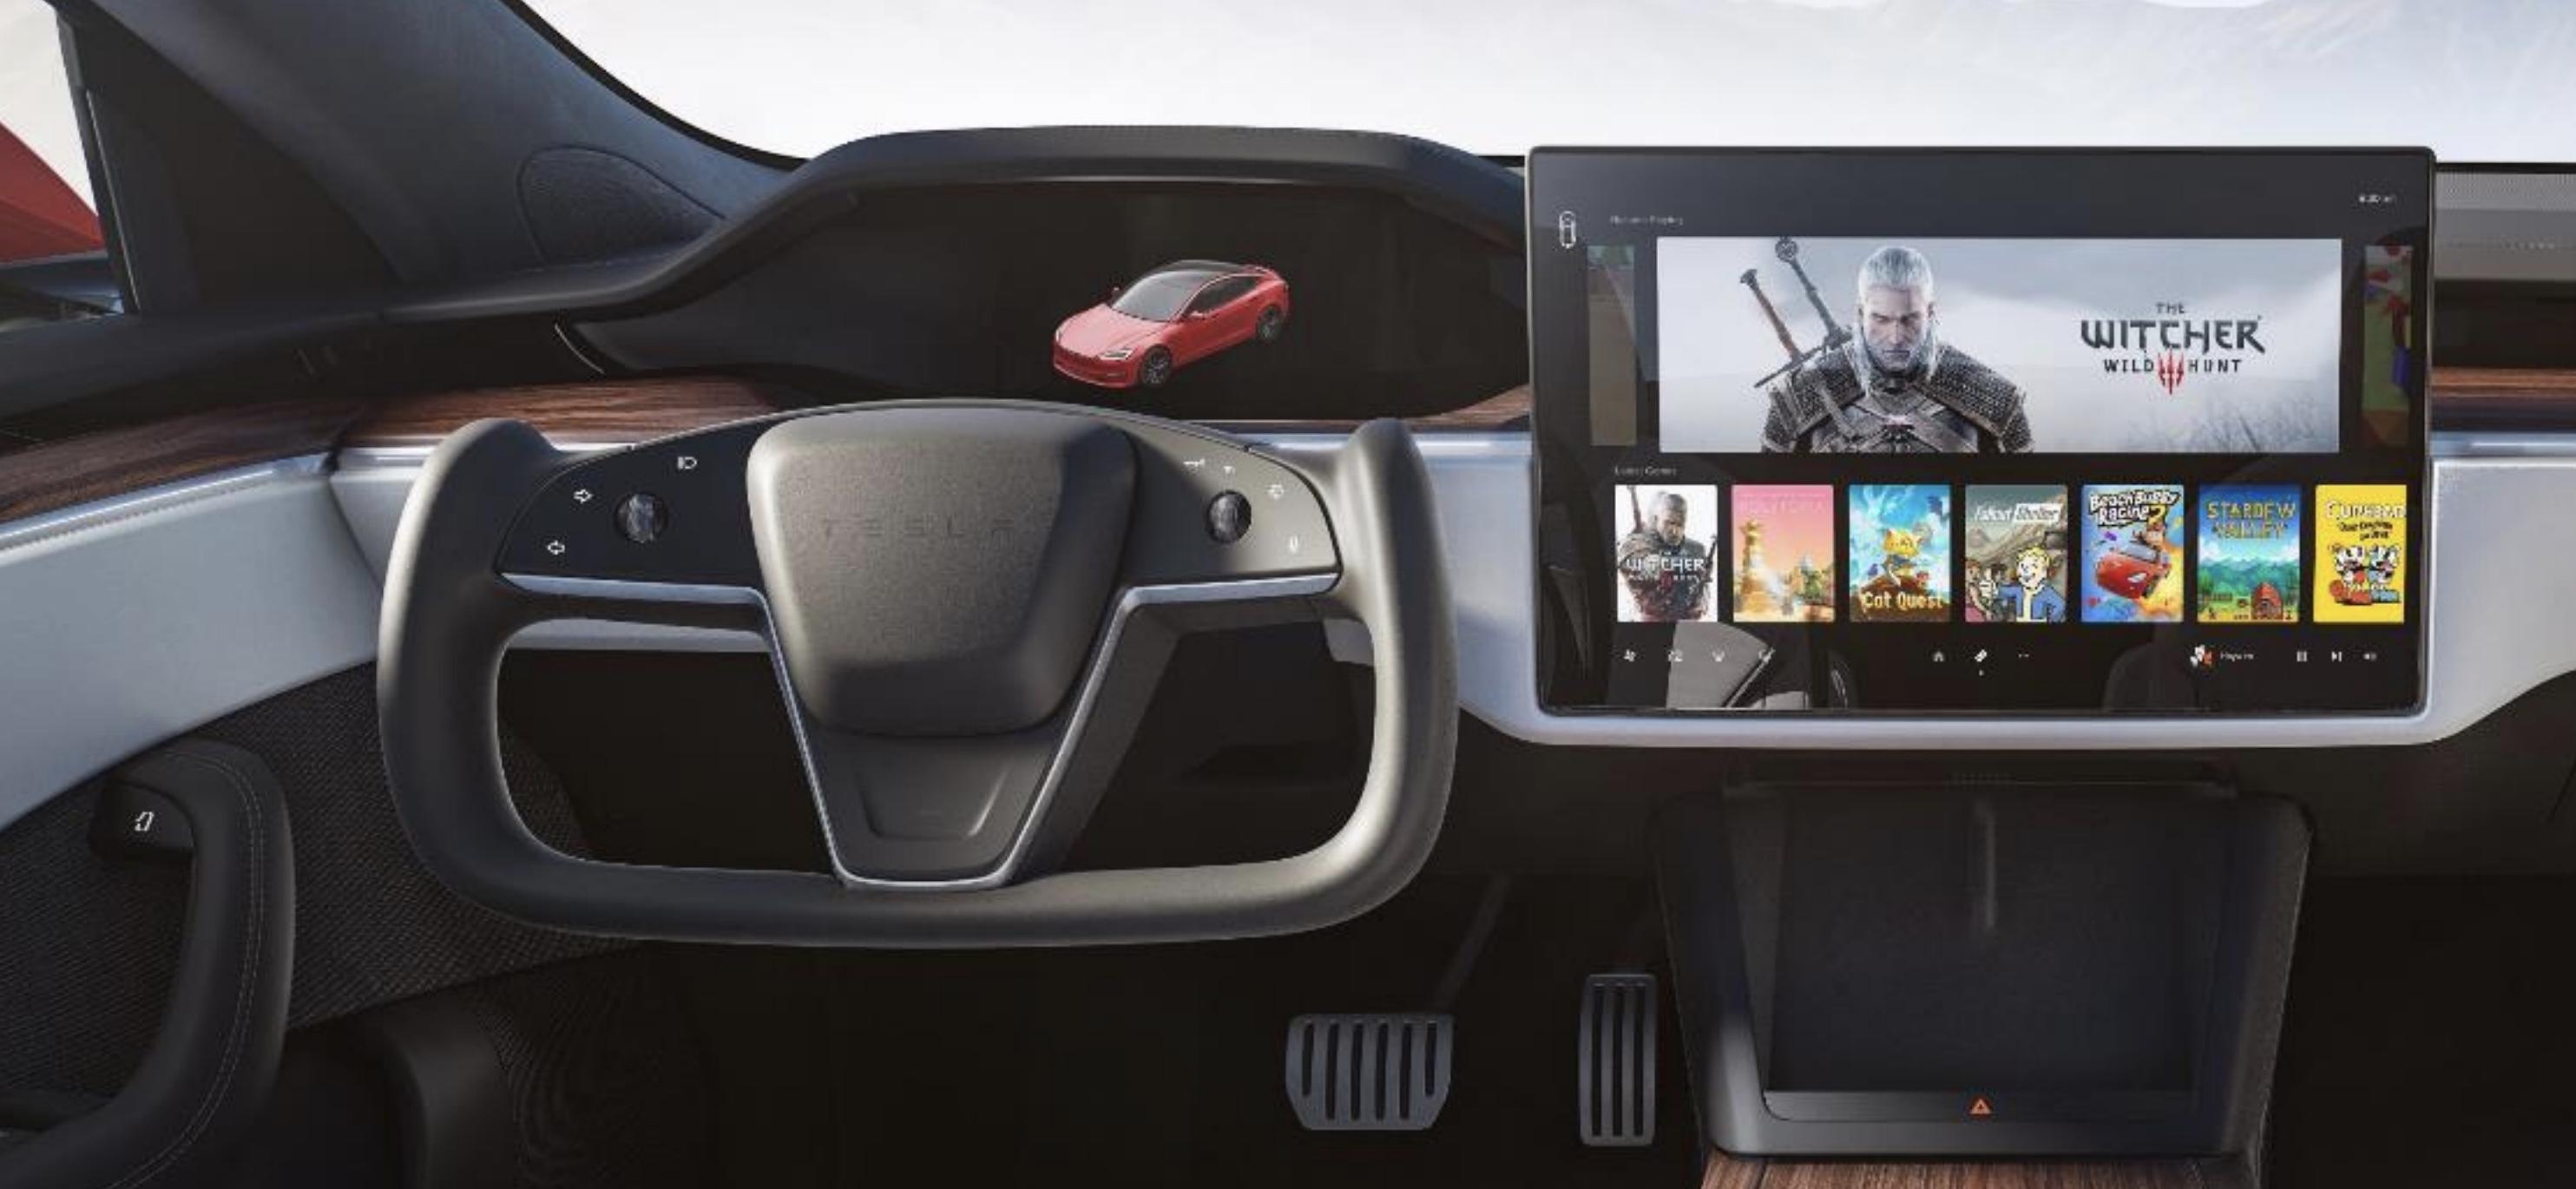 Tesla-mew-steering-wheel-hero.jpg?qualit